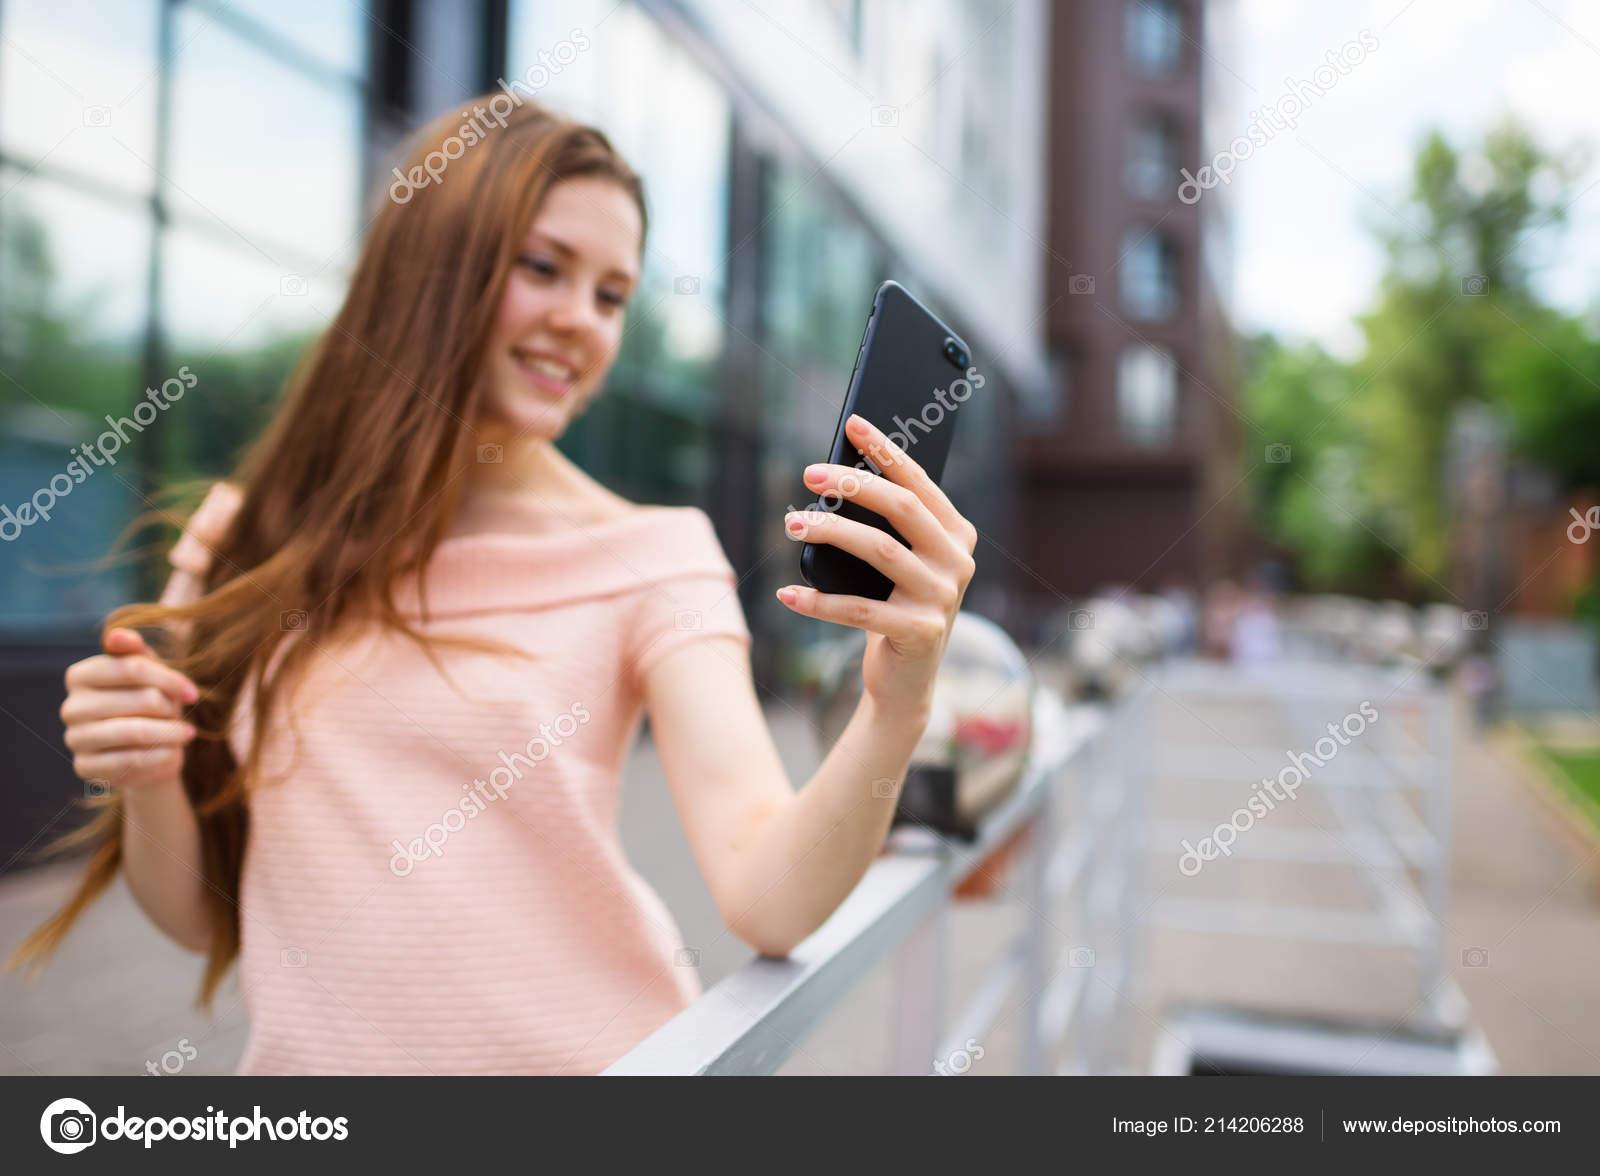 Teen girl selfie shot